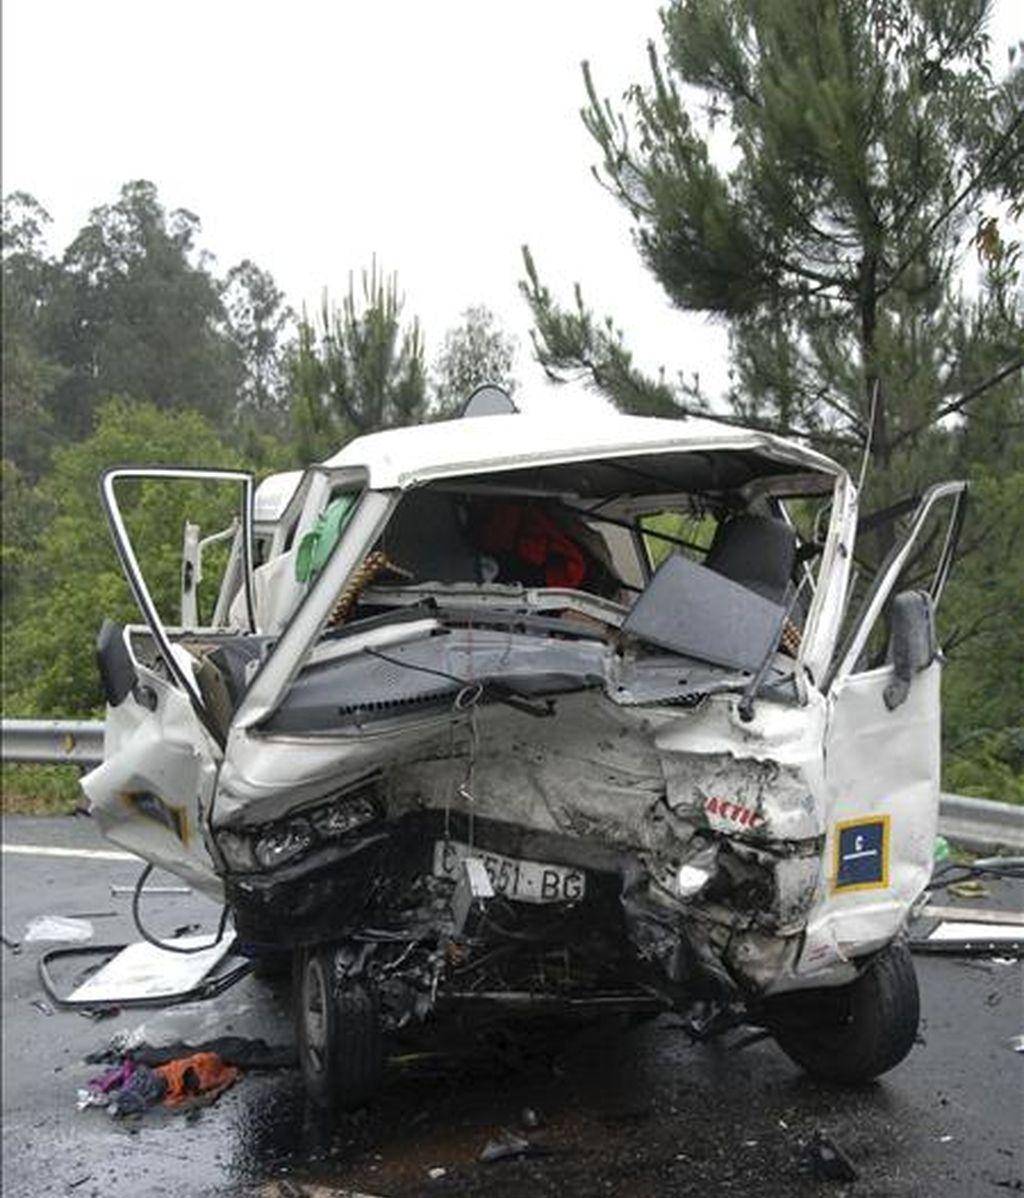 Estado en el que quedó la furgoneta accidentada al chocar contra un coche en Caldas de Reis (Pontevedra). EFE/Archivo